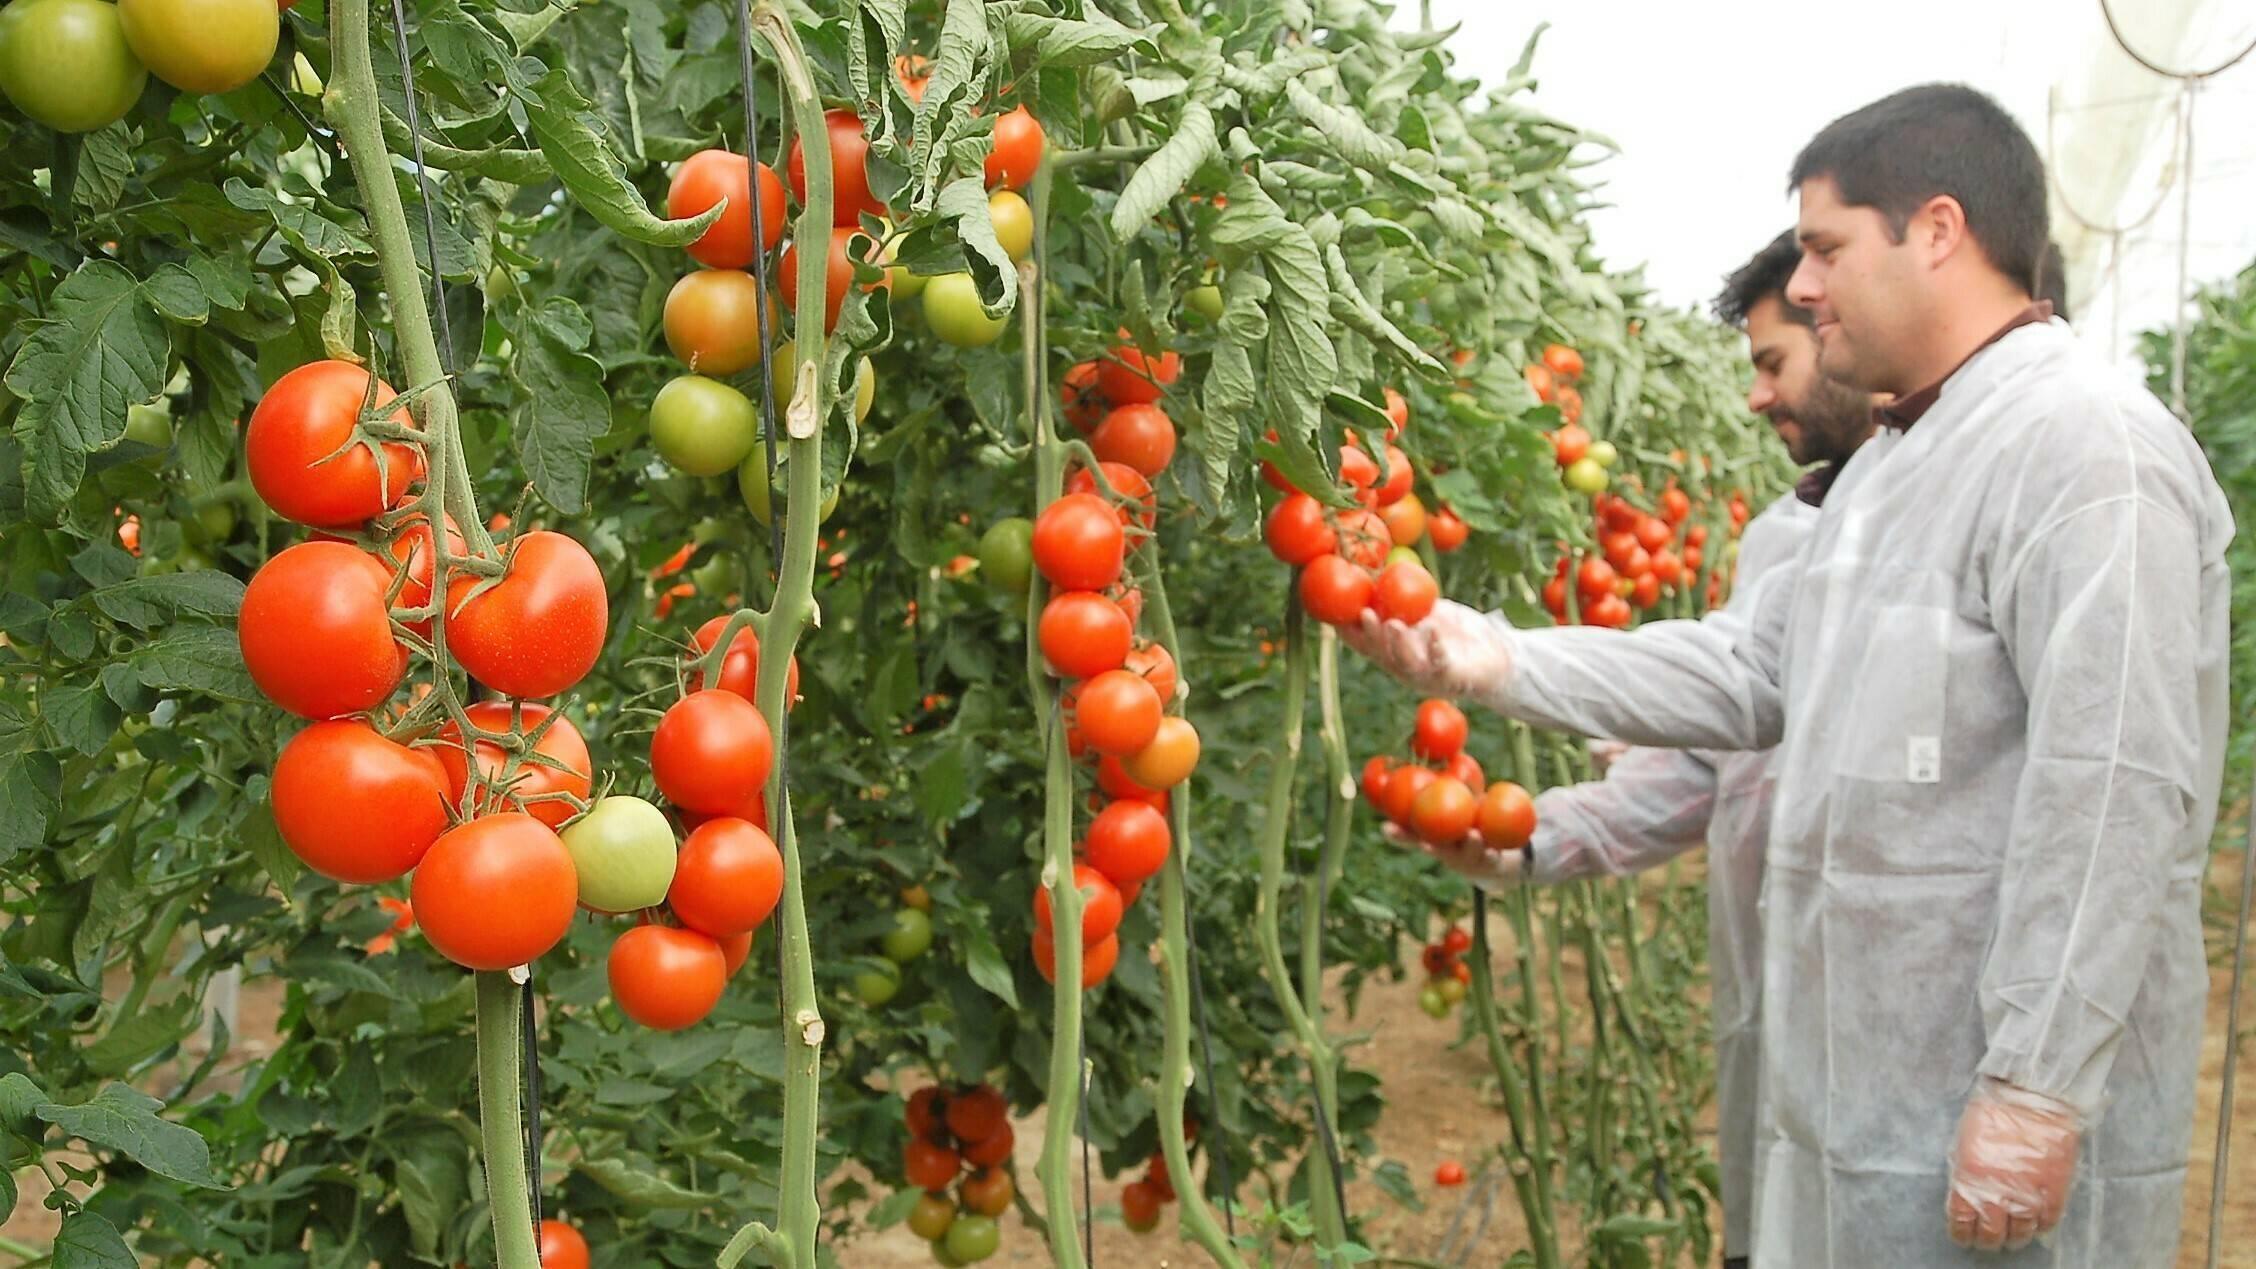 composicion quimica de los alimentos hortalizas